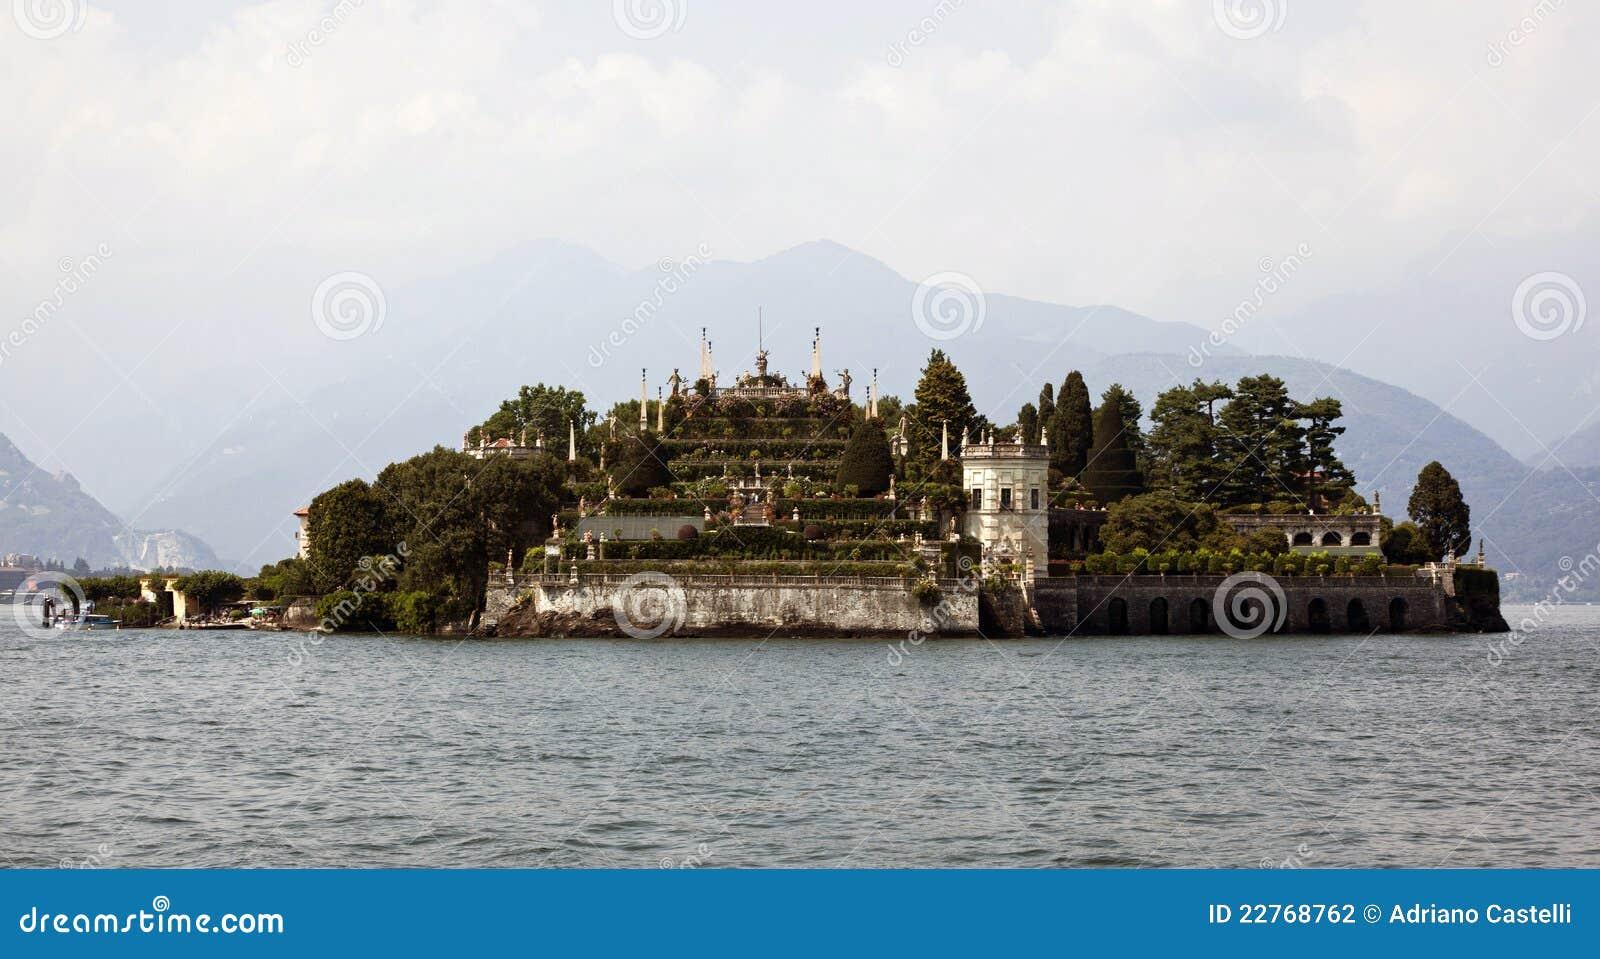 Isola Bella, See maggiore, Italien